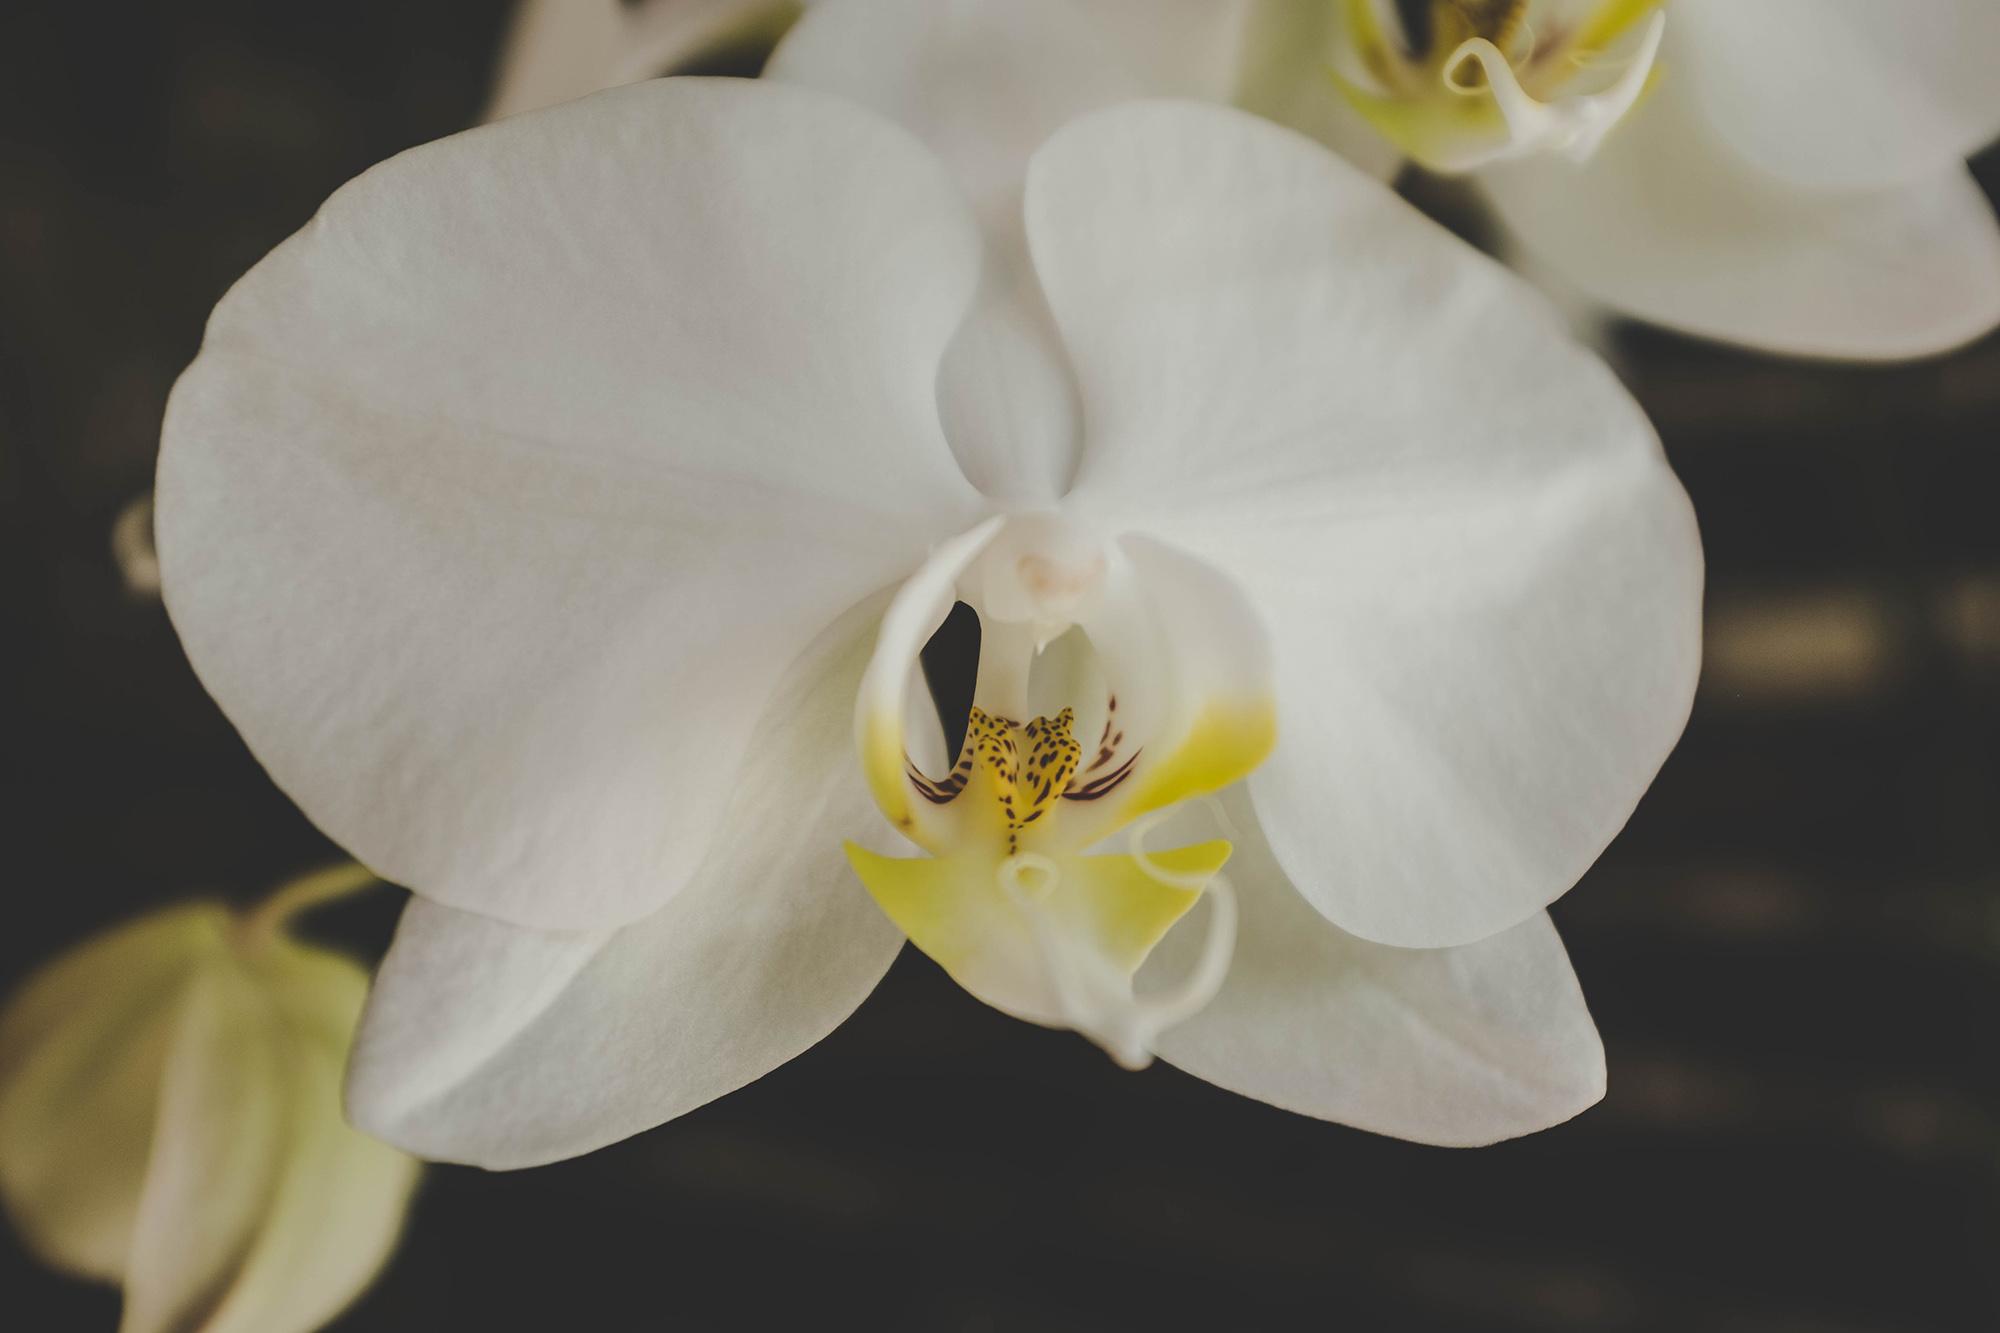 2017-04-Alila-Villas-Uluwatu - alila-villas-uluwatu-bali-nectarandpulse-flower-30.jpg